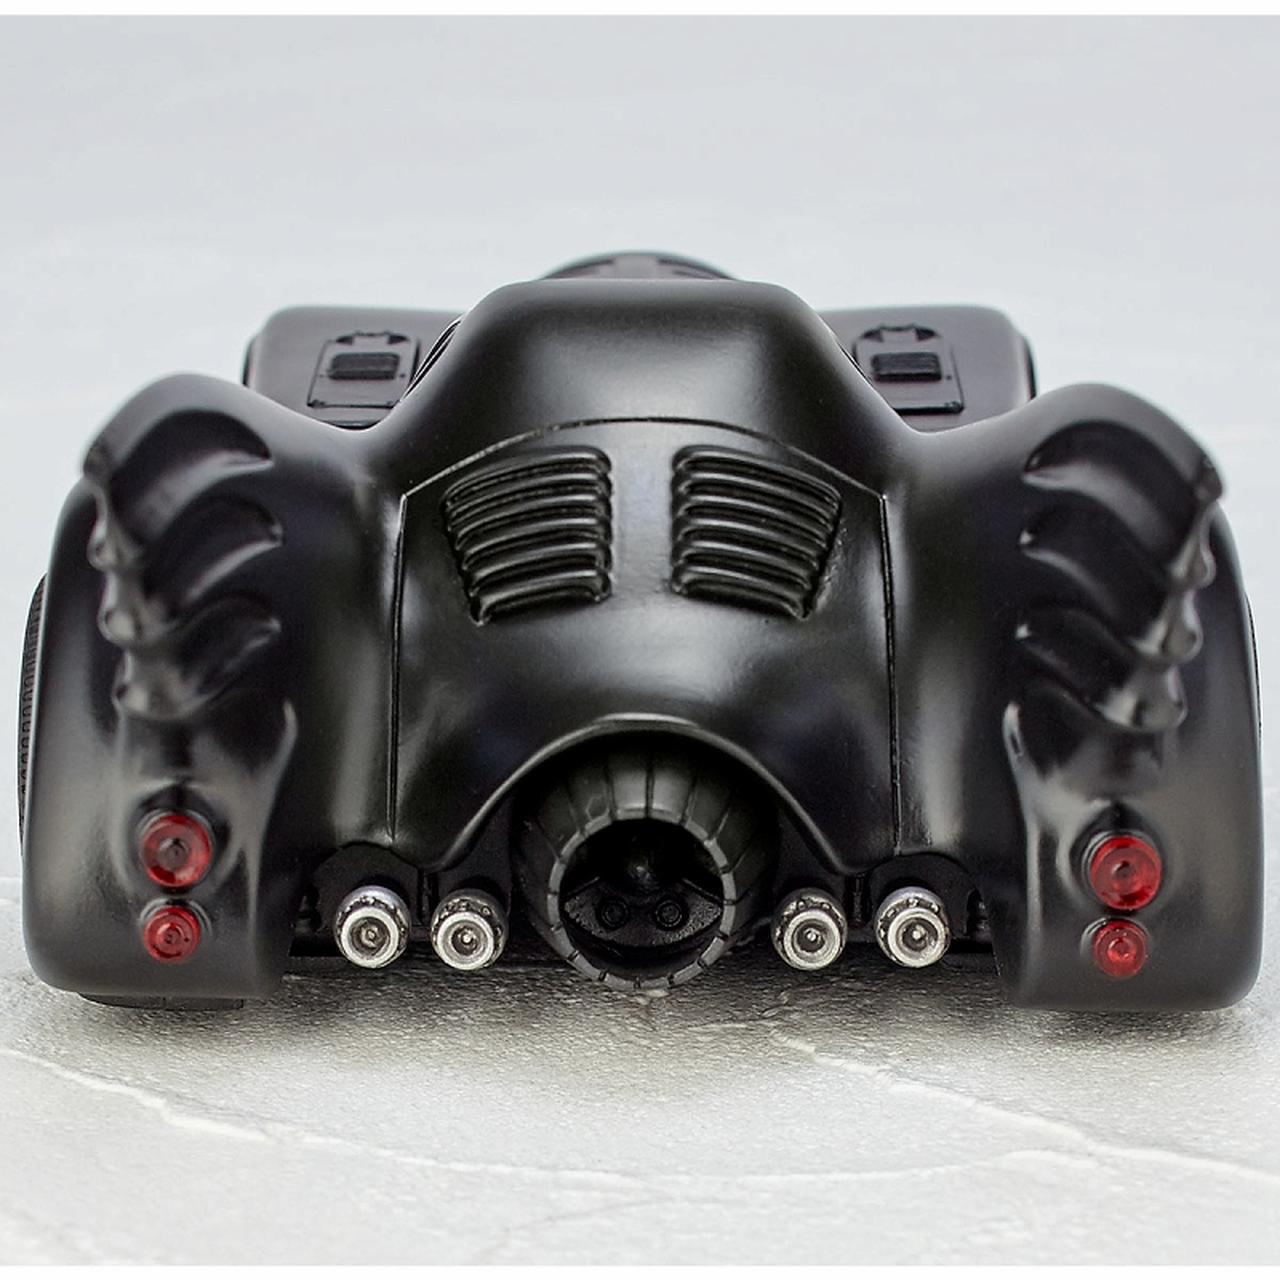 画像5: ティム・バートン監督作「バットマン」よりゴシック風デザイン、美しい流線型フォルを忠実に再現したバットモービルが発売!